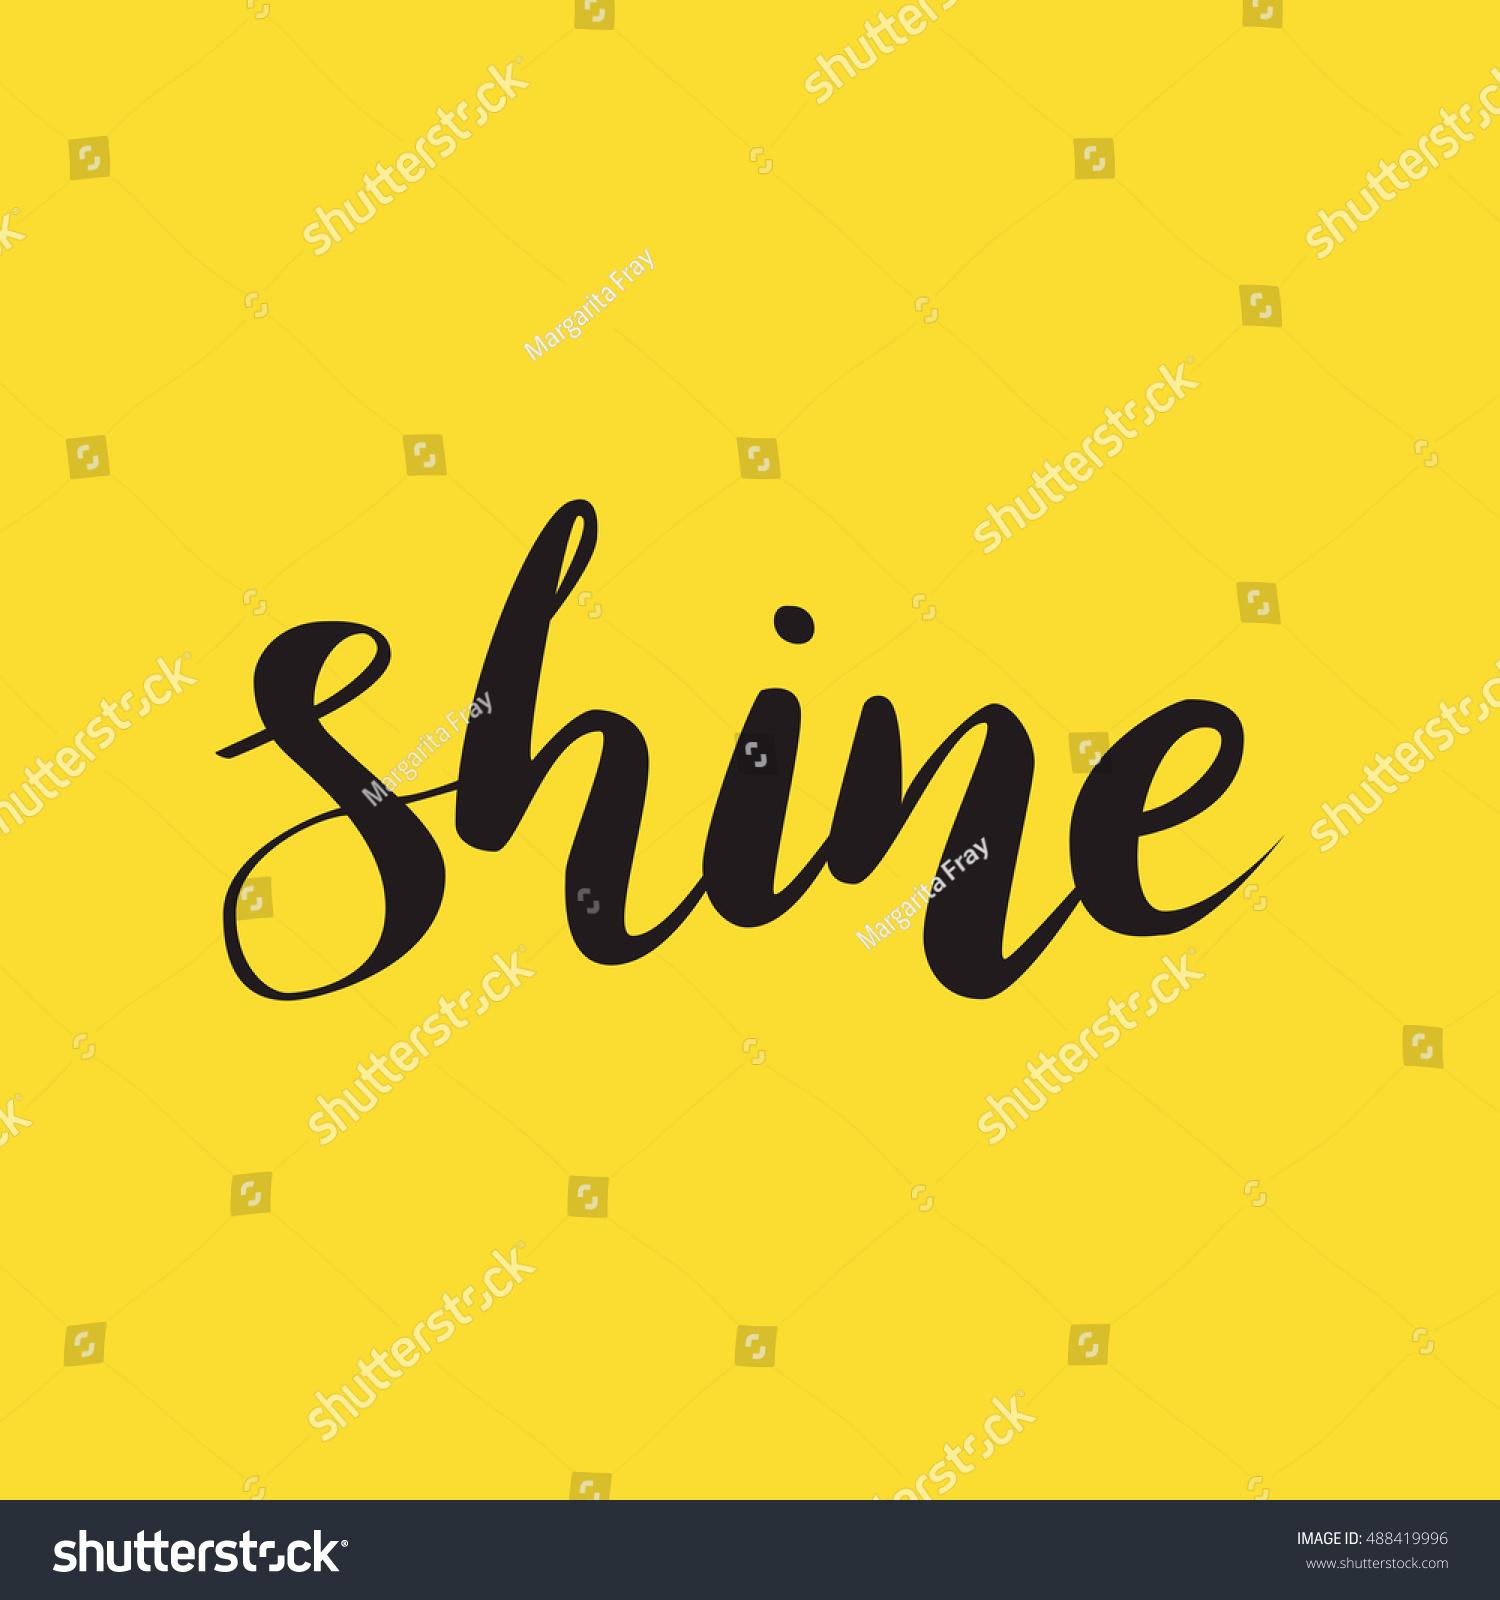 Shine calligraphy word black on yellow stock vector